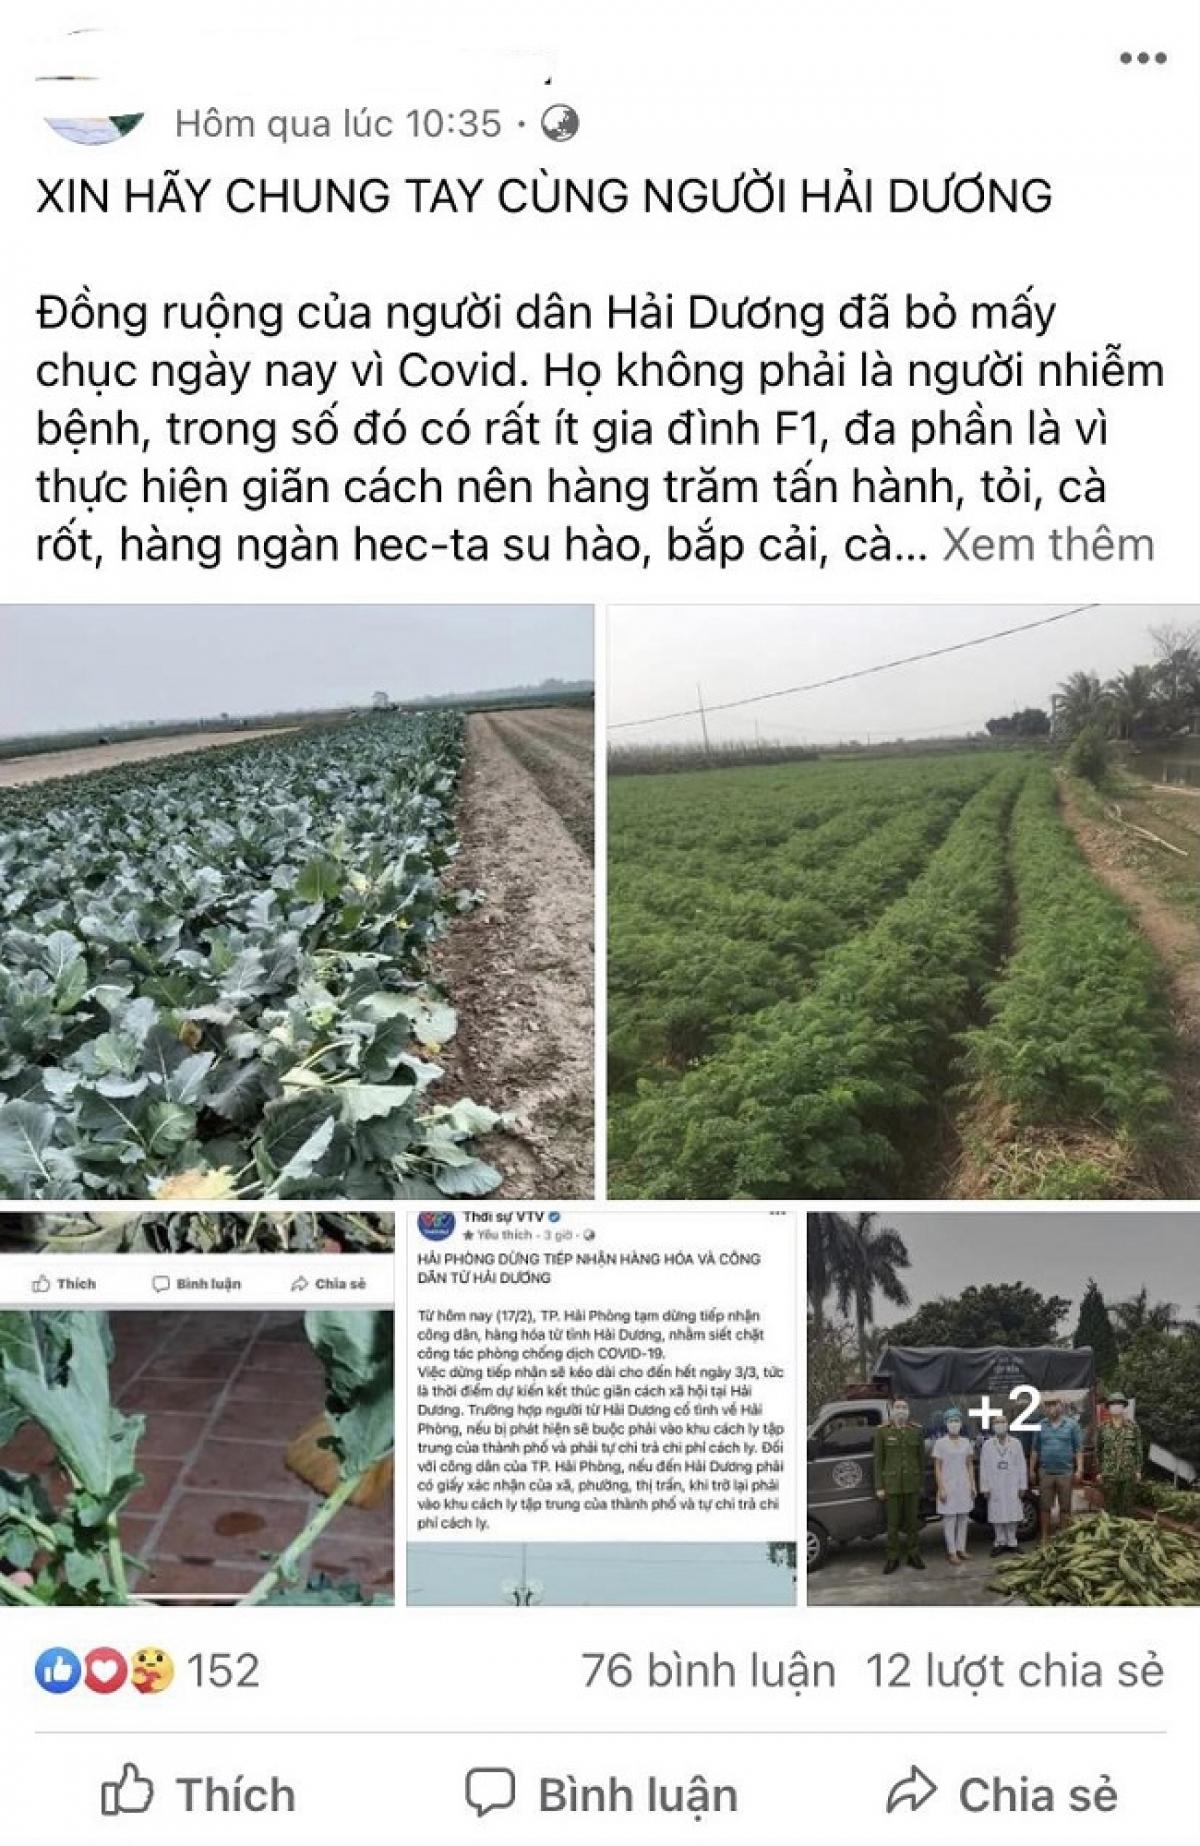 Các bài viết kêu gọi giải cứu nông sản Hải Dương nhận được sự hưởng ứng lớn của cộng đồng mạng (Ảnh chụp màn hình)